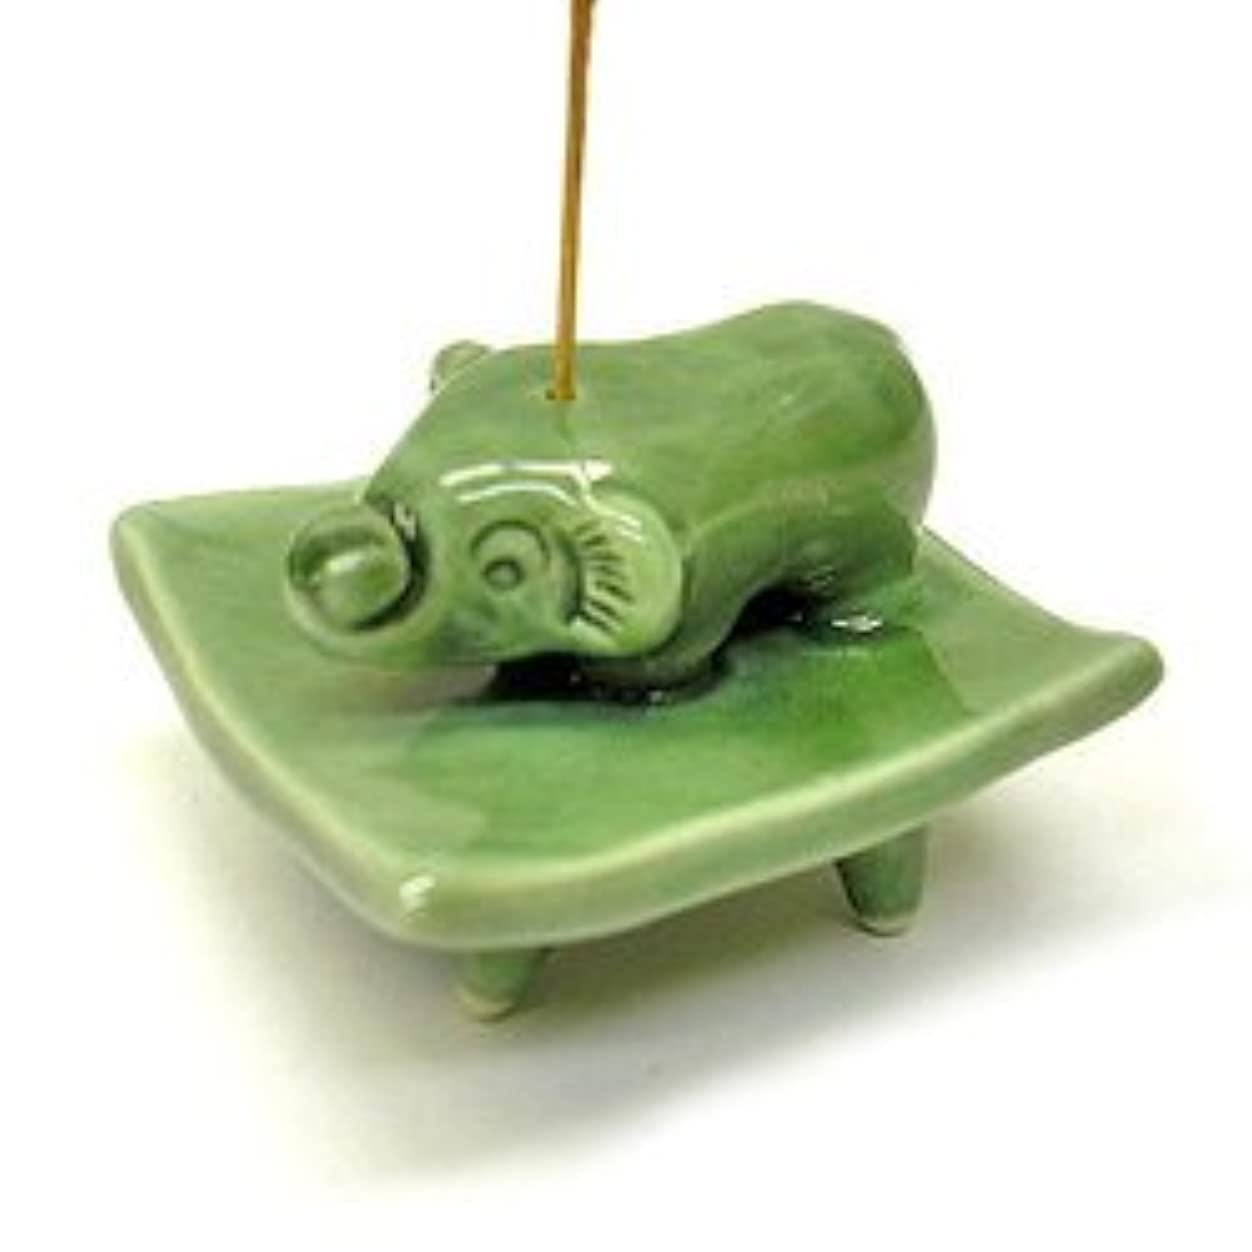 咽頭ロック解除光沢のあるお皿に乗った象さん お香立て<緑> インセンスホルダー/スティックタイプ用お香立て?お香たて アジアン雑貨